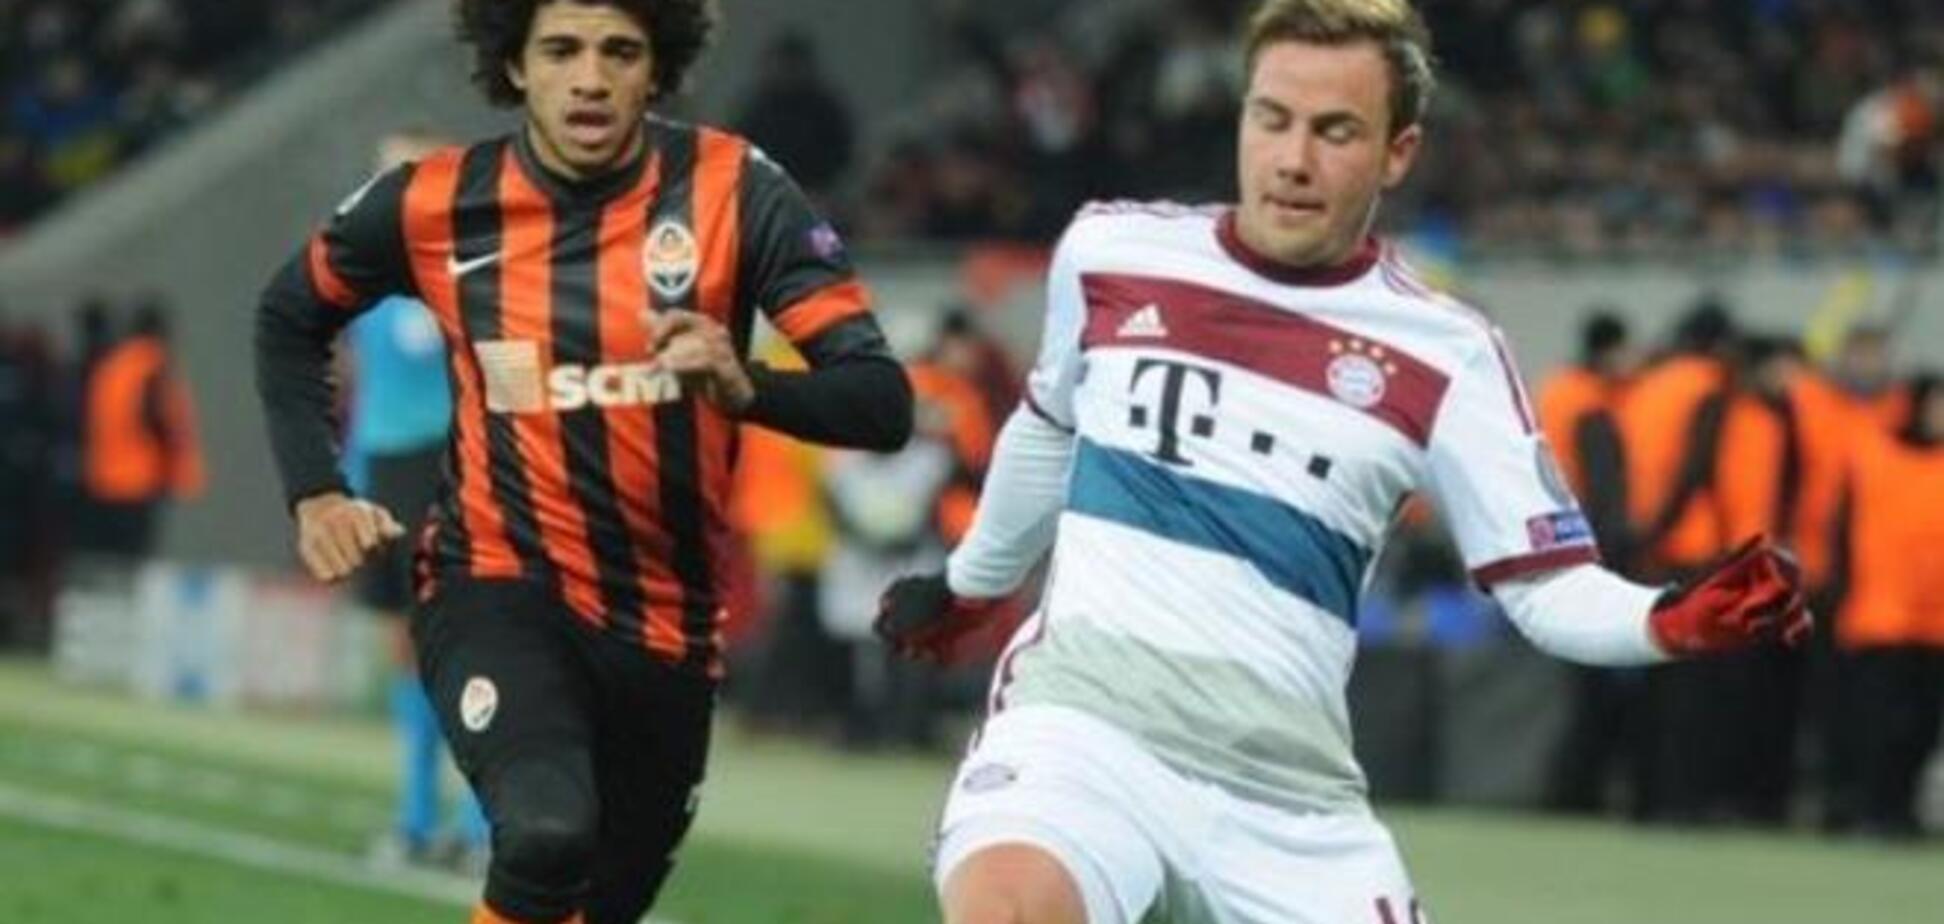 Футболіст 'Баварії' незадоволений грою з 'Шахтарем' у Лізі чемпіонів